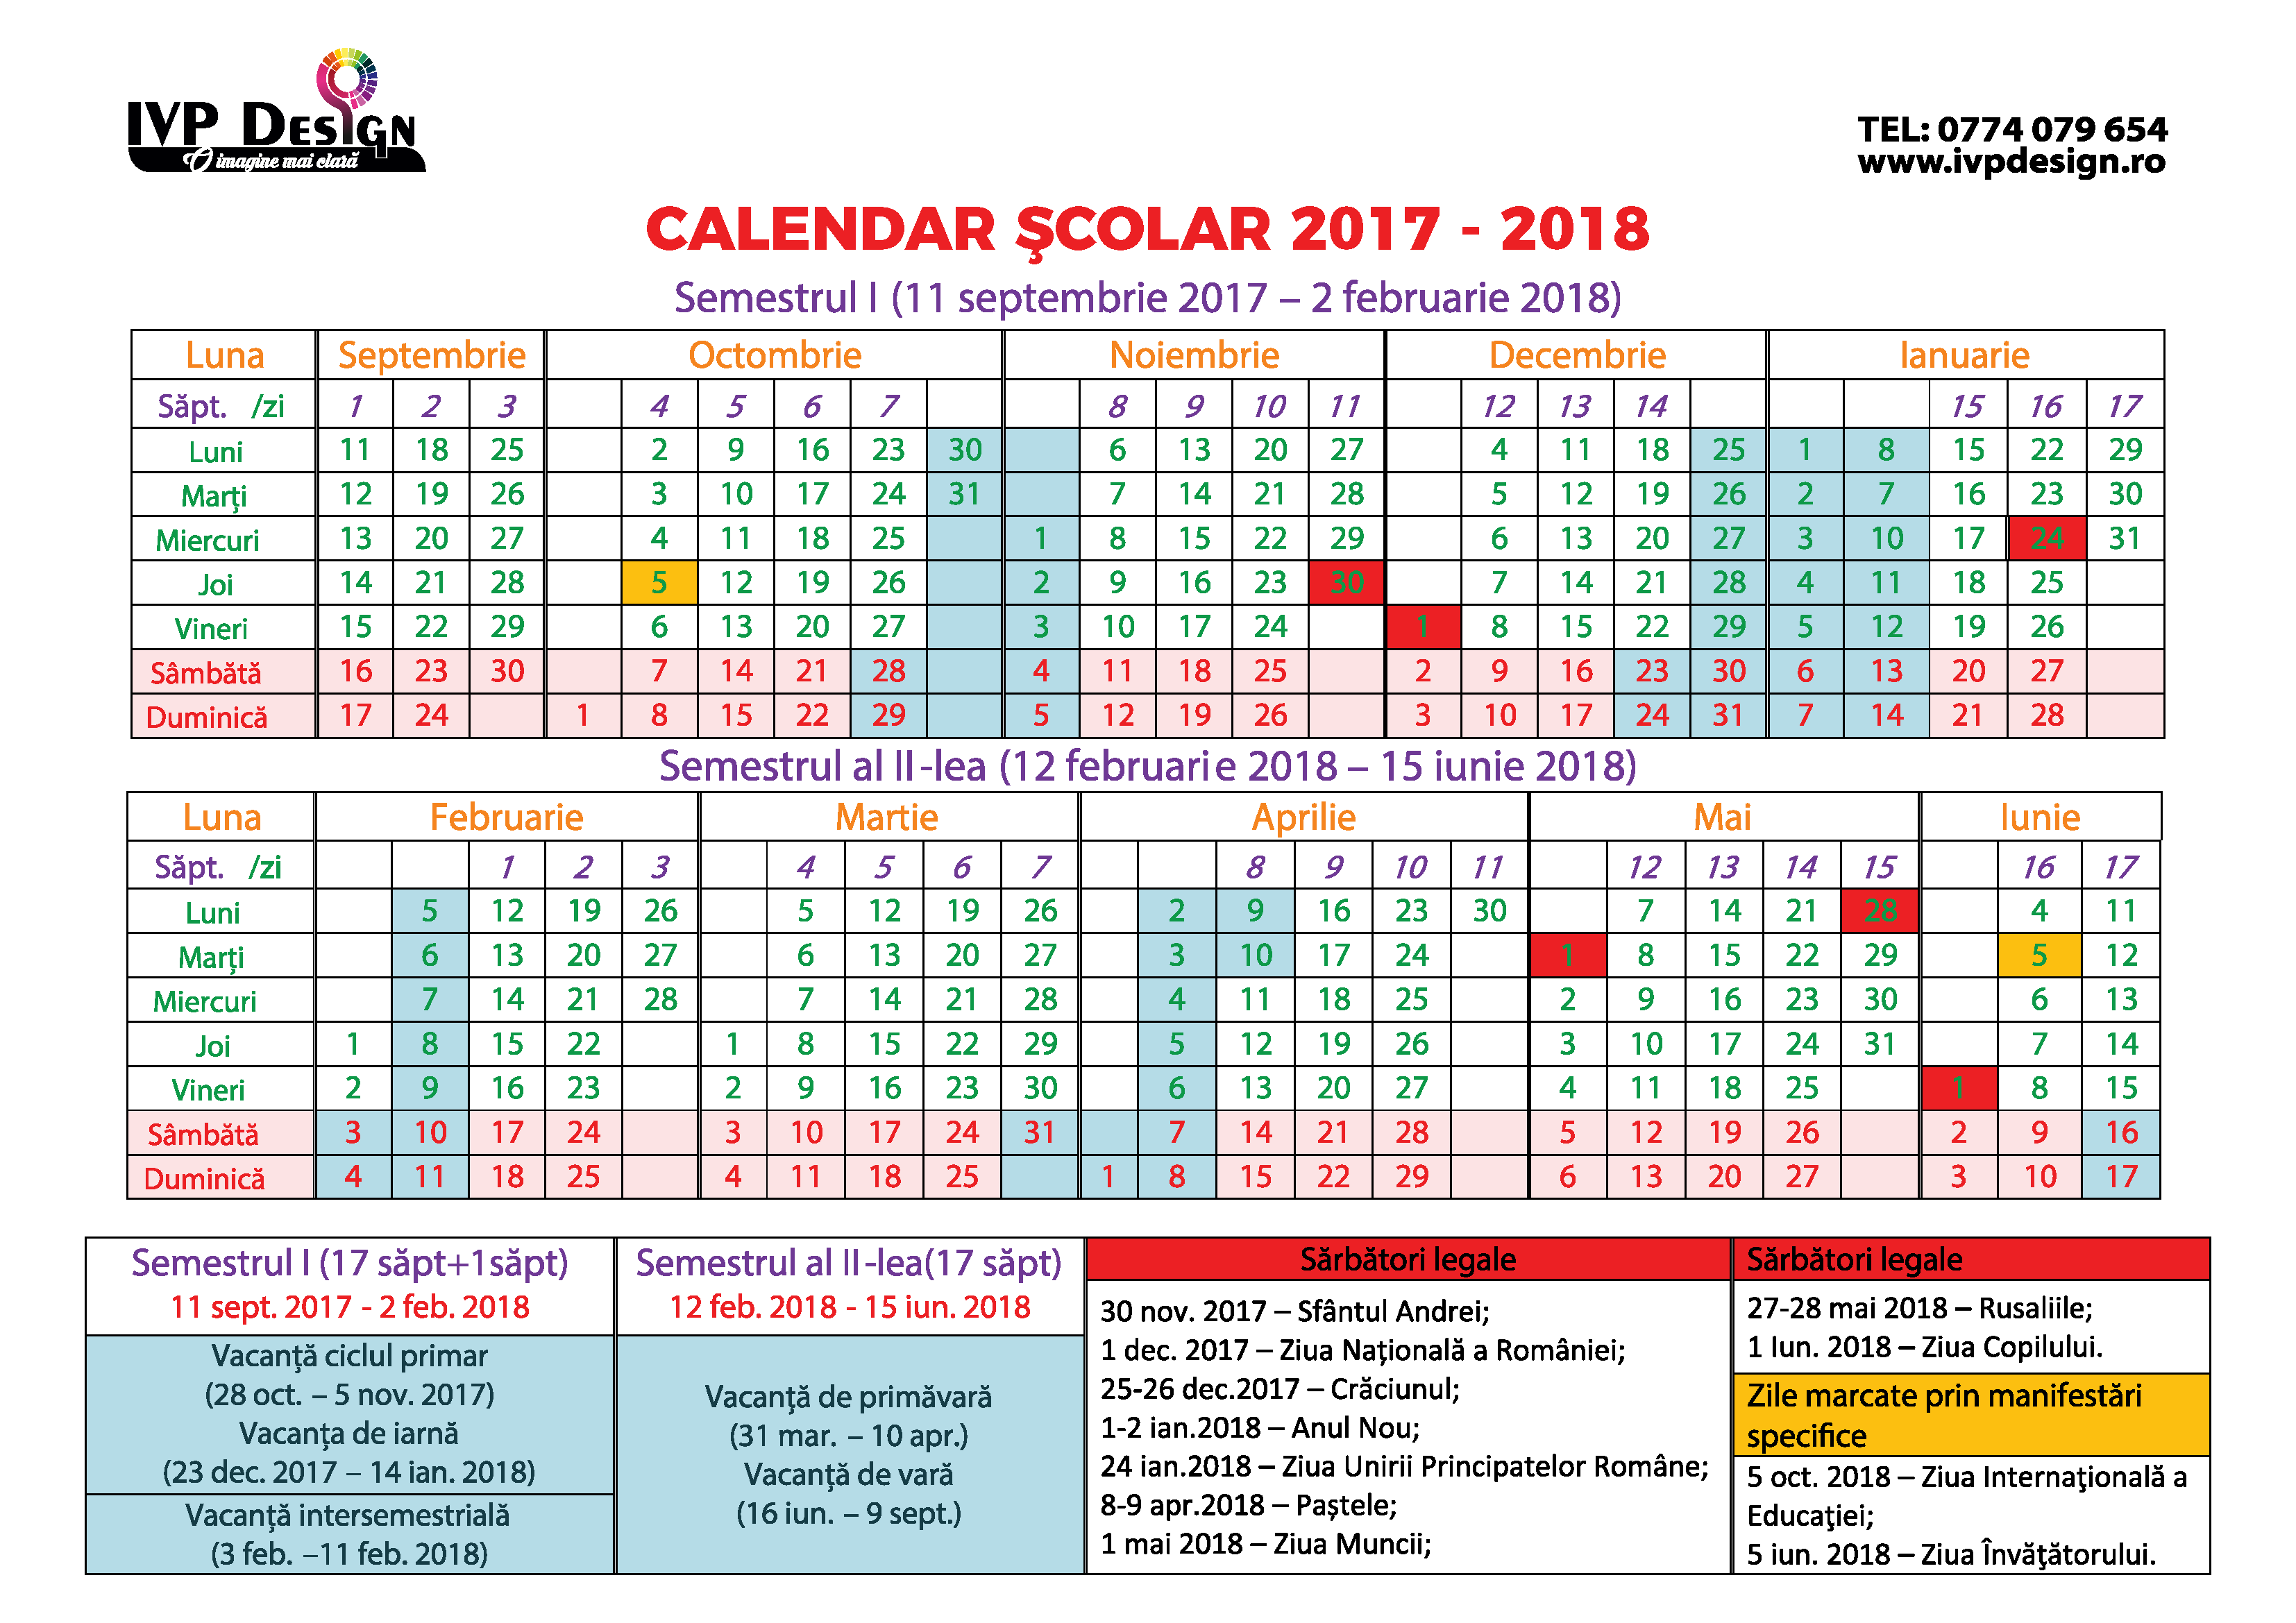 CALENDAR ŞCOLAR 2017 - 2018